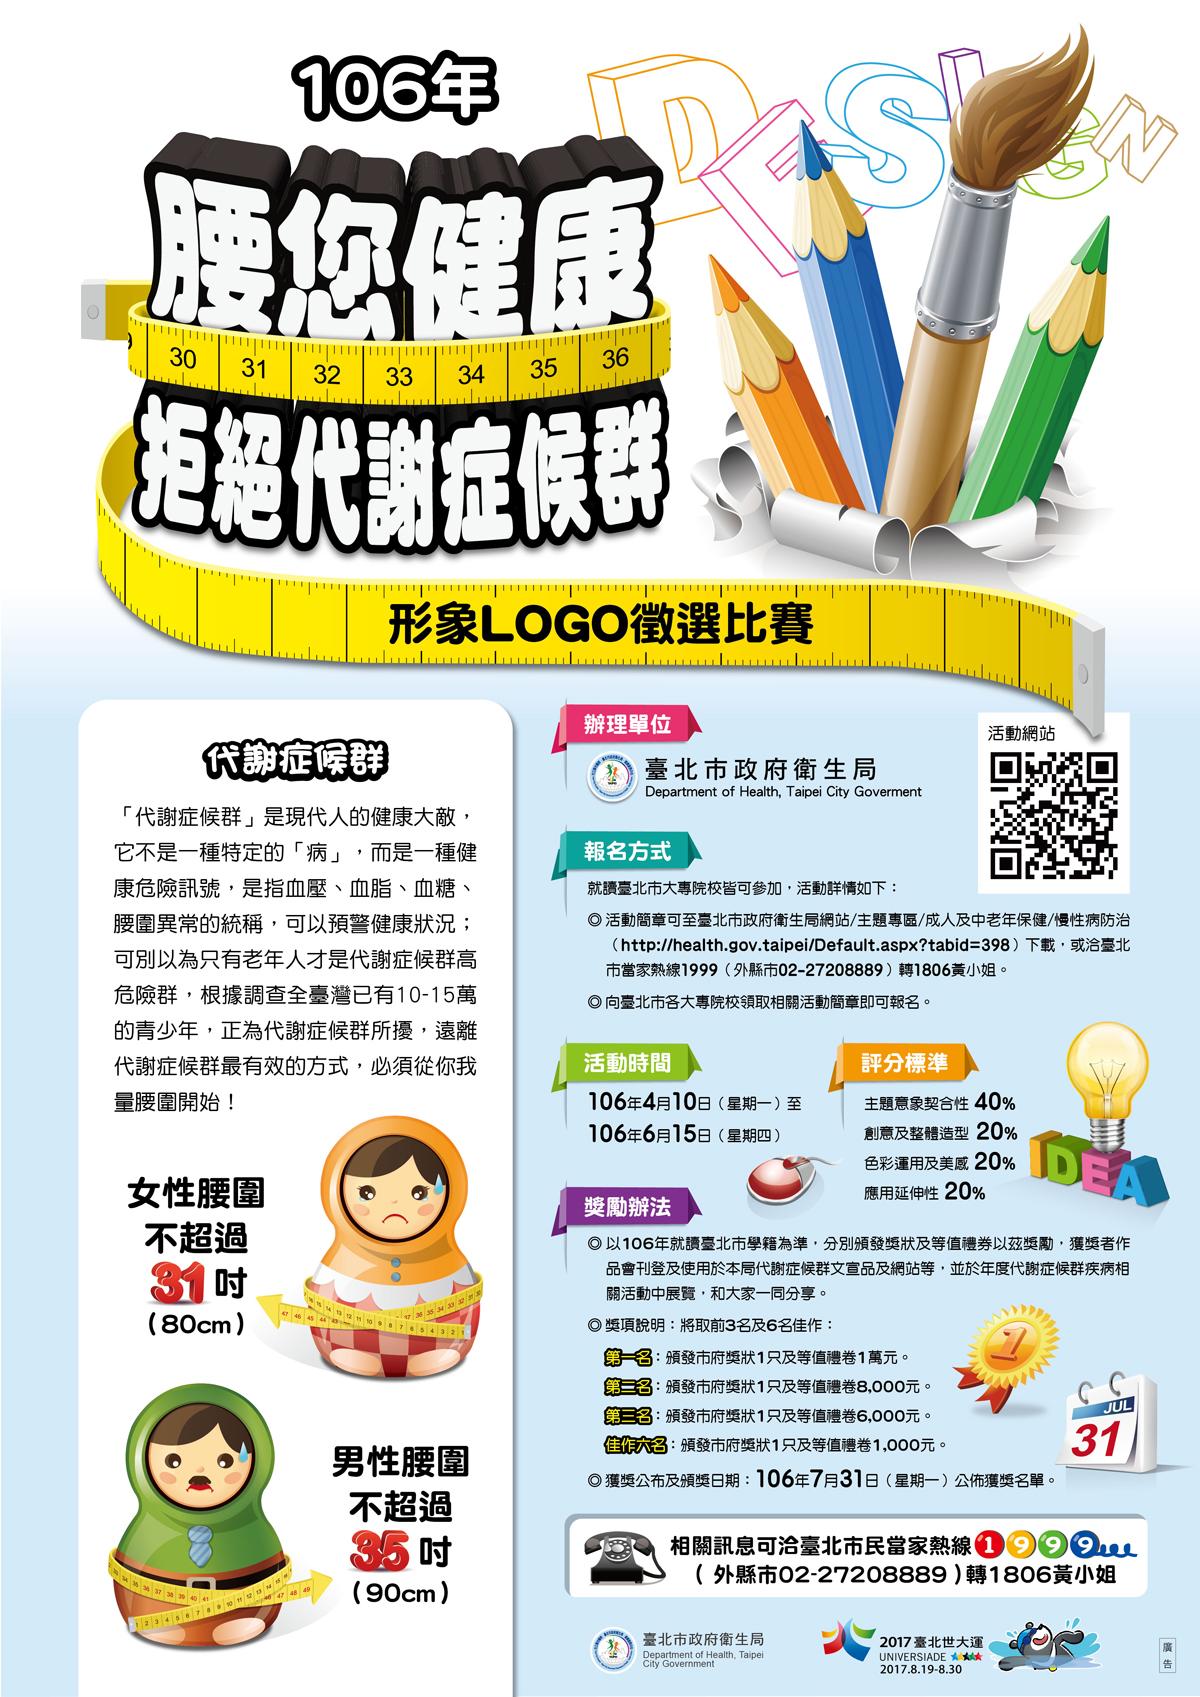 臺北市大專院校106年「腰您健康.拒絕代謝症候群」形象LOGO徵選比賽 EDM